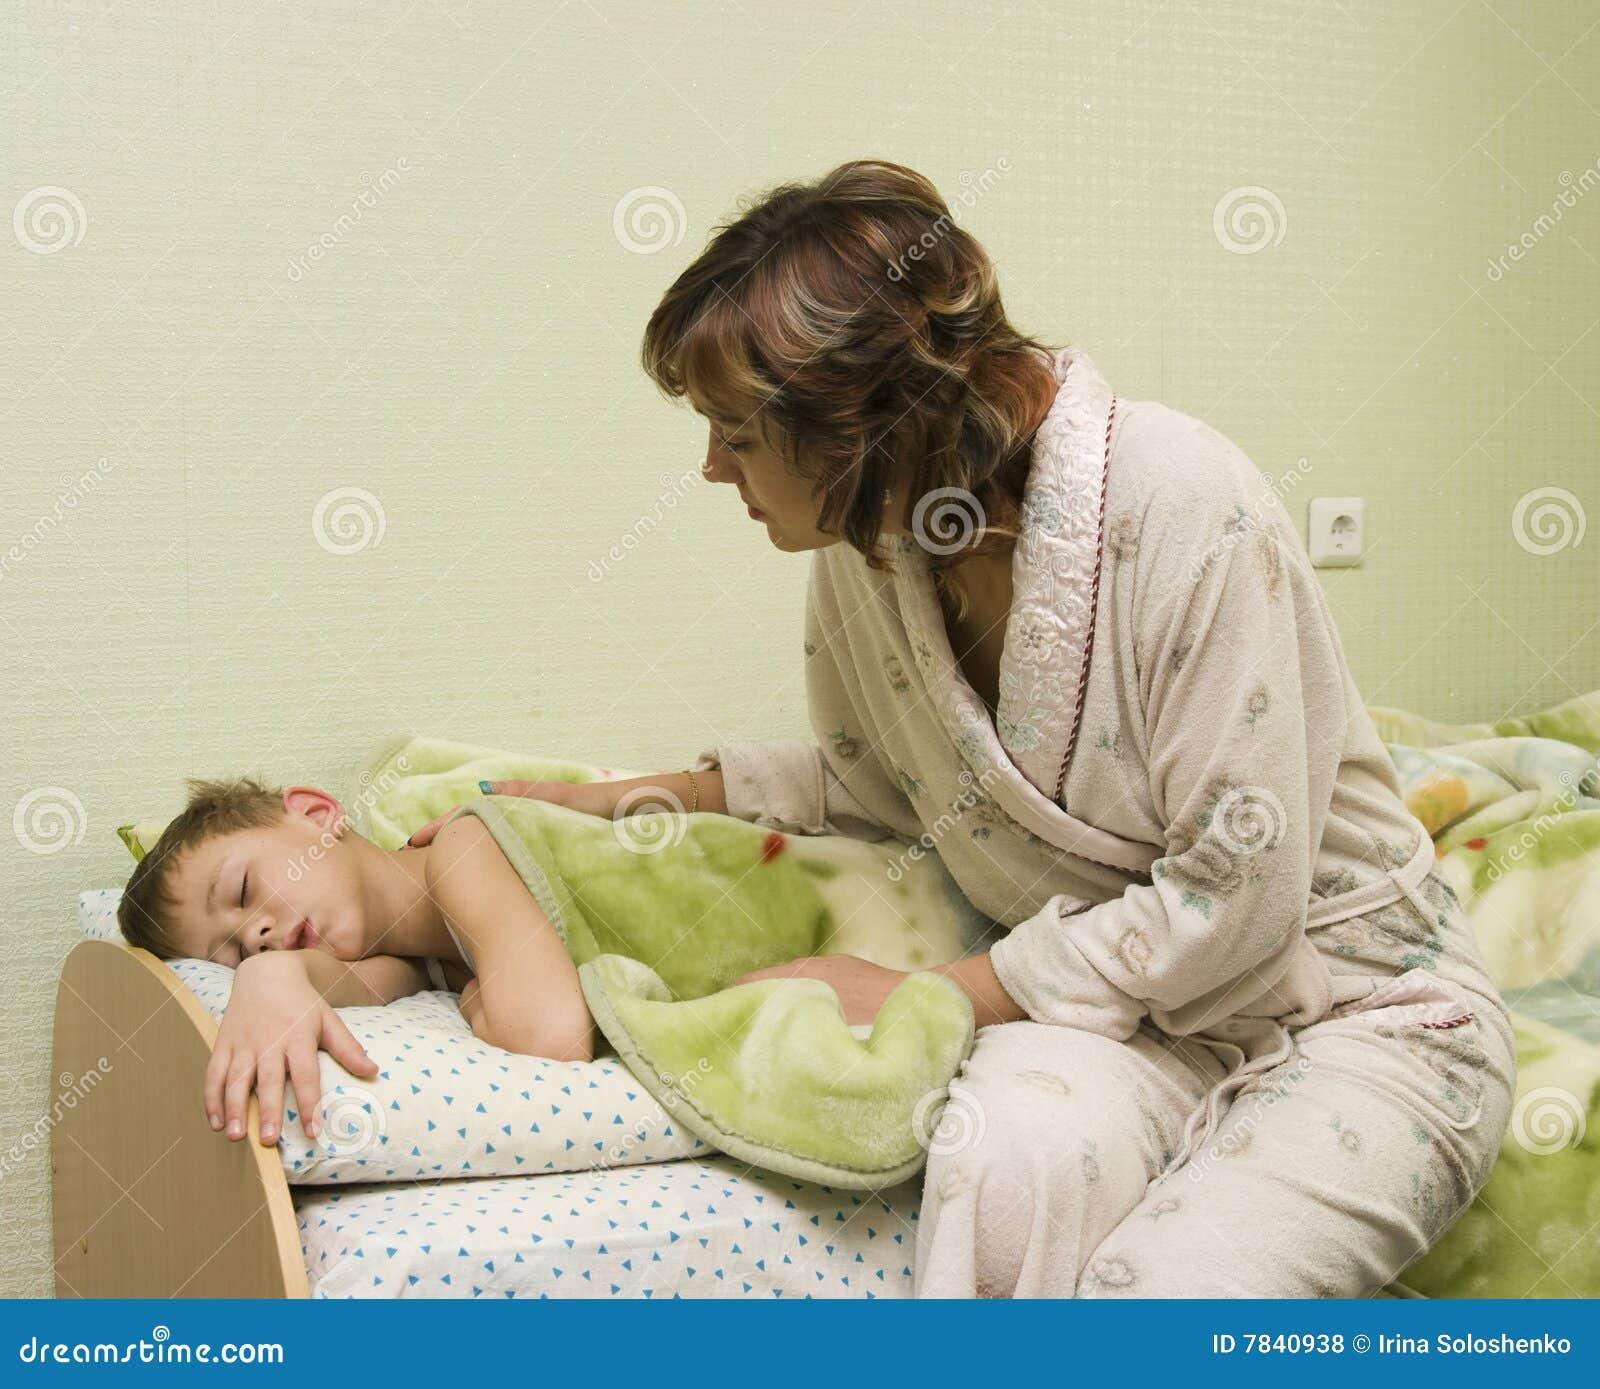 El enigma de la momia con un beb en brazos Materia